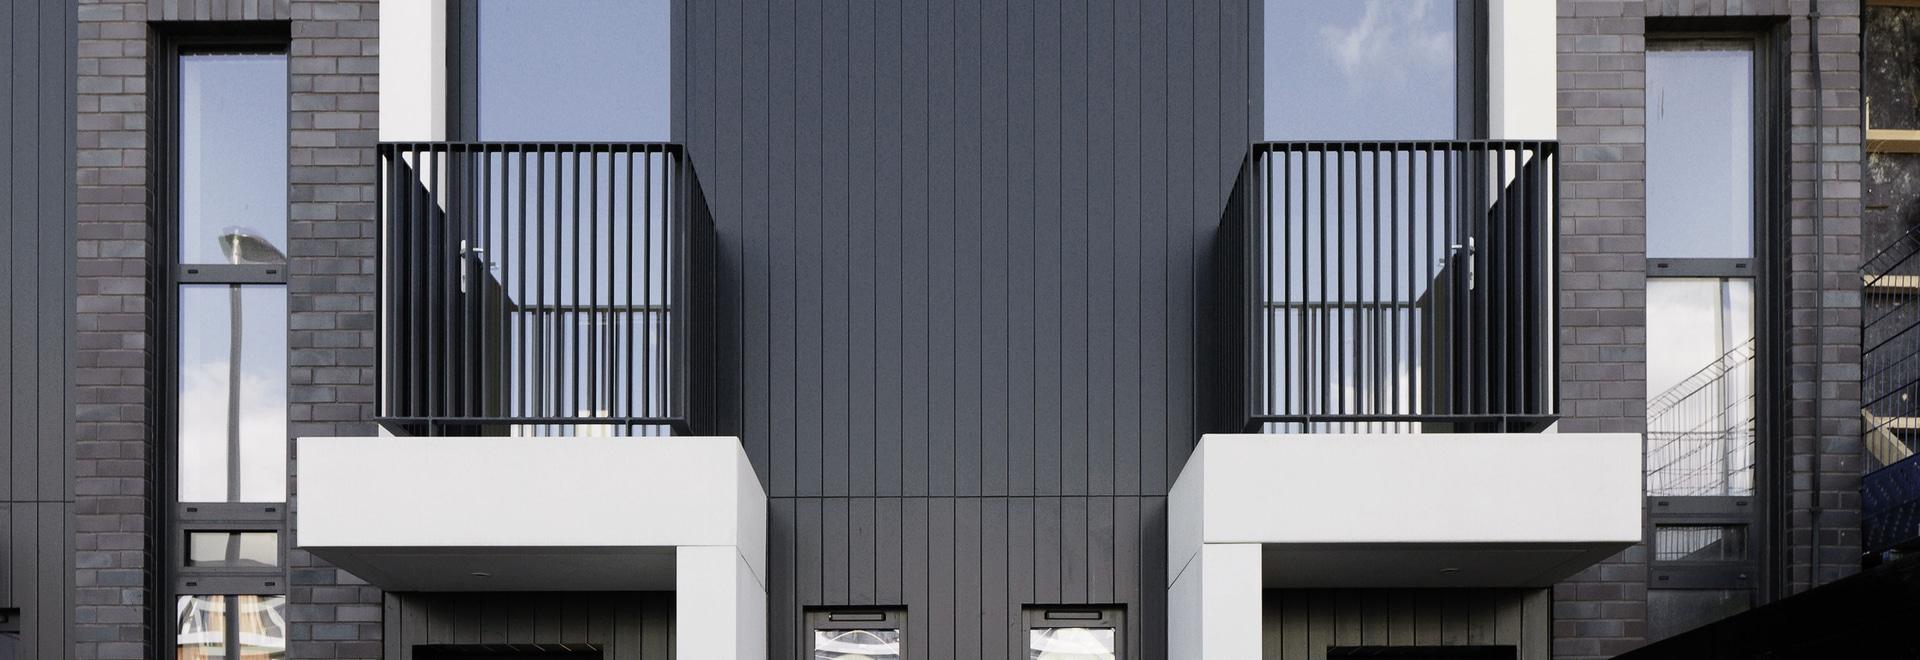 Greenwich Appartements, London UK